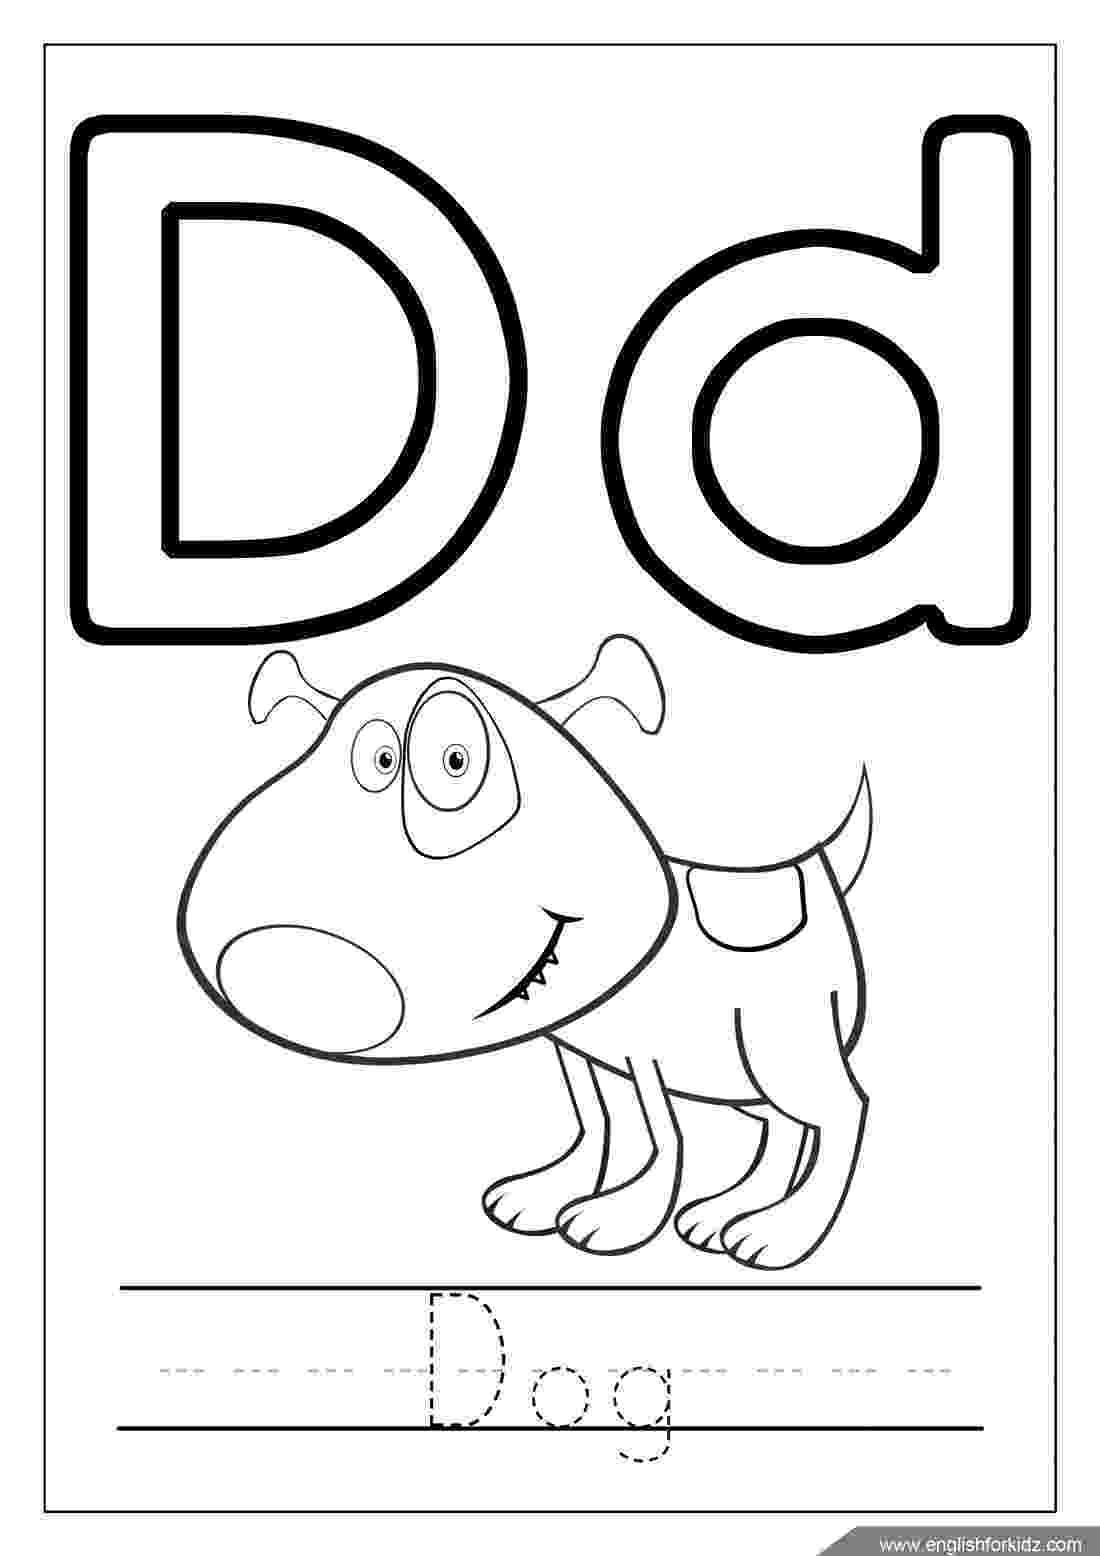 letter d coloring page letter d alphabet coloring pages 3 free printable letter coloring d page